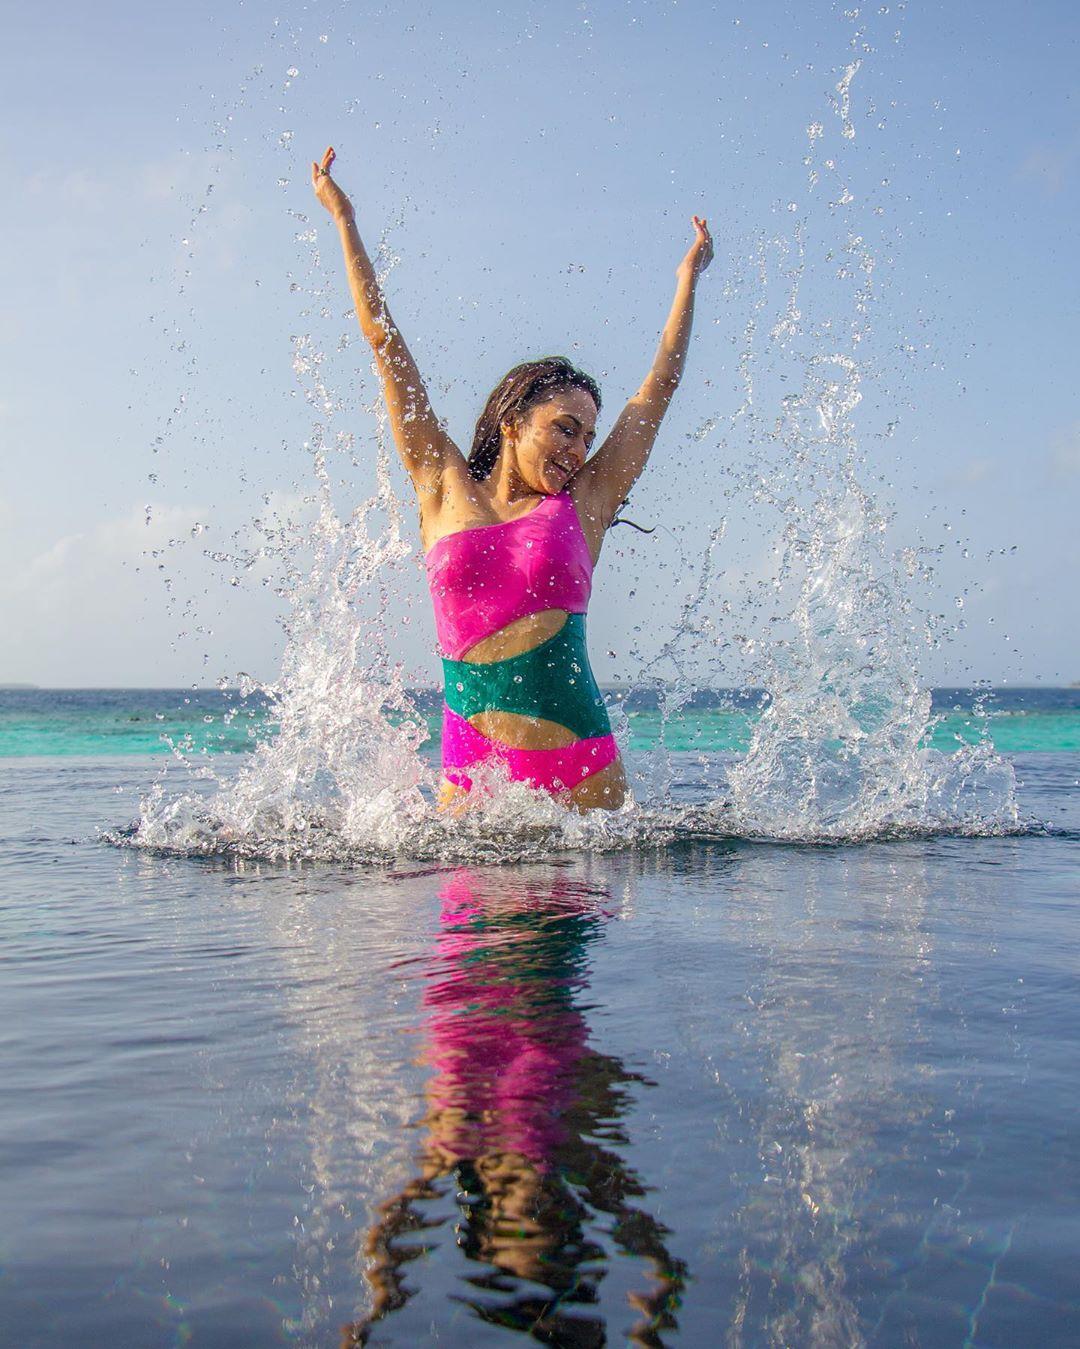 अमृताच्या या मालदीव व्हेकेशनचे फोटो सध्या सोशल मीडियावर व्हायरल होत आहेत. या फोटोंमध्ये अमृता खूपच ग्लॅमरस आणि हॉट दिसत आहे. तिच्या मादक अदांनी तिचे चाहते घायाळ होत आहेत.